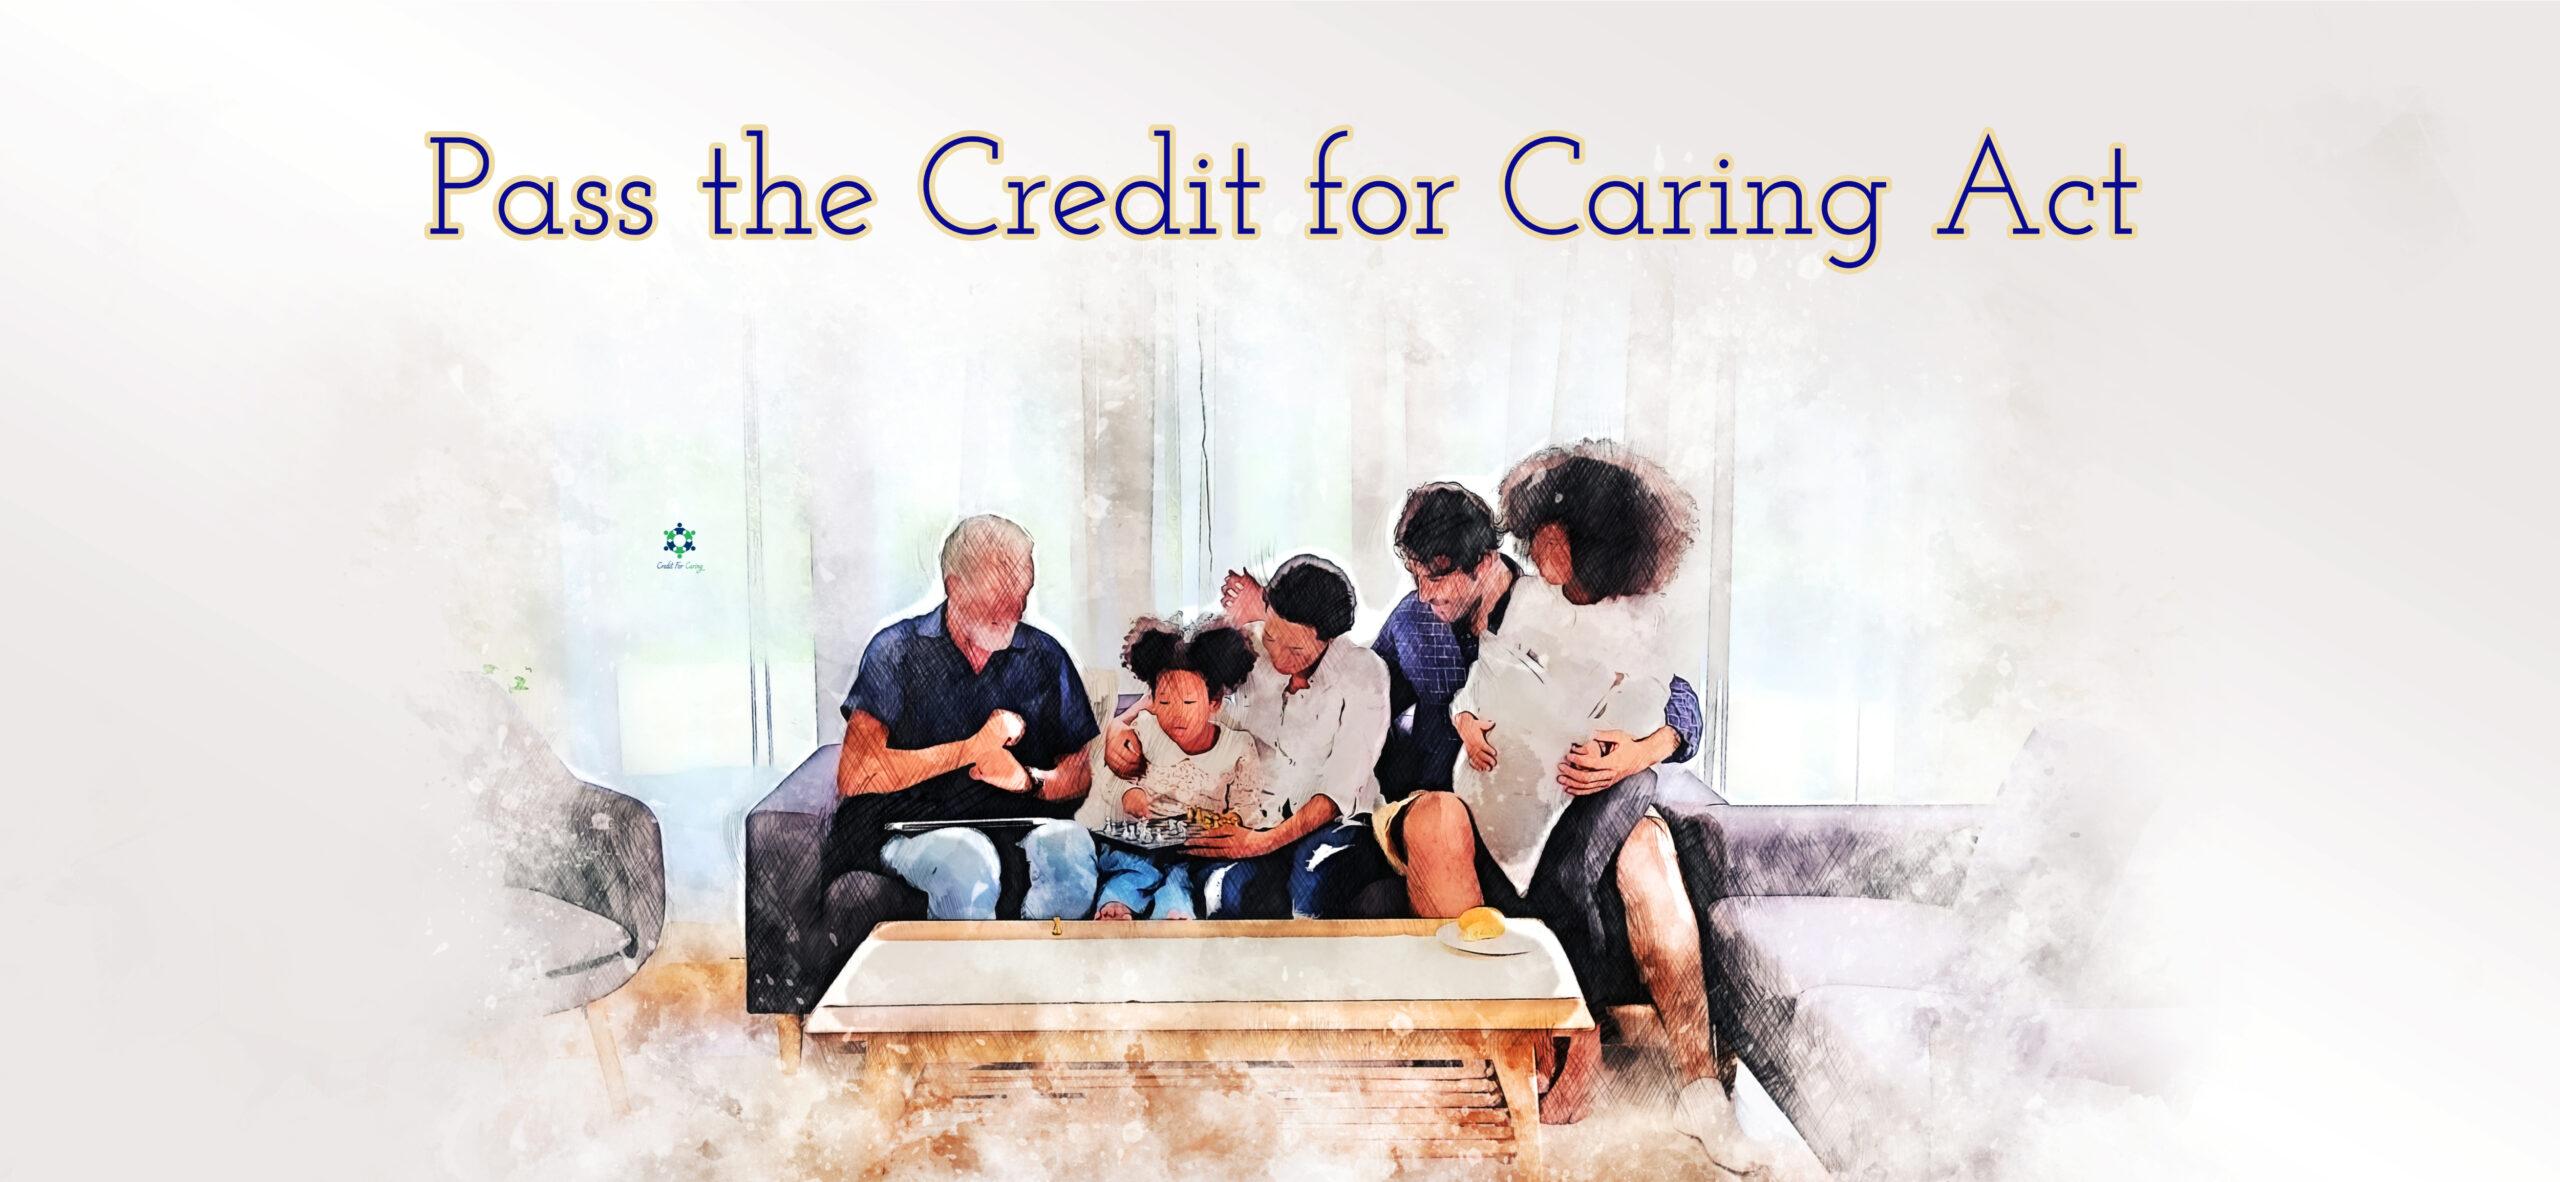 Creditforcaring.com